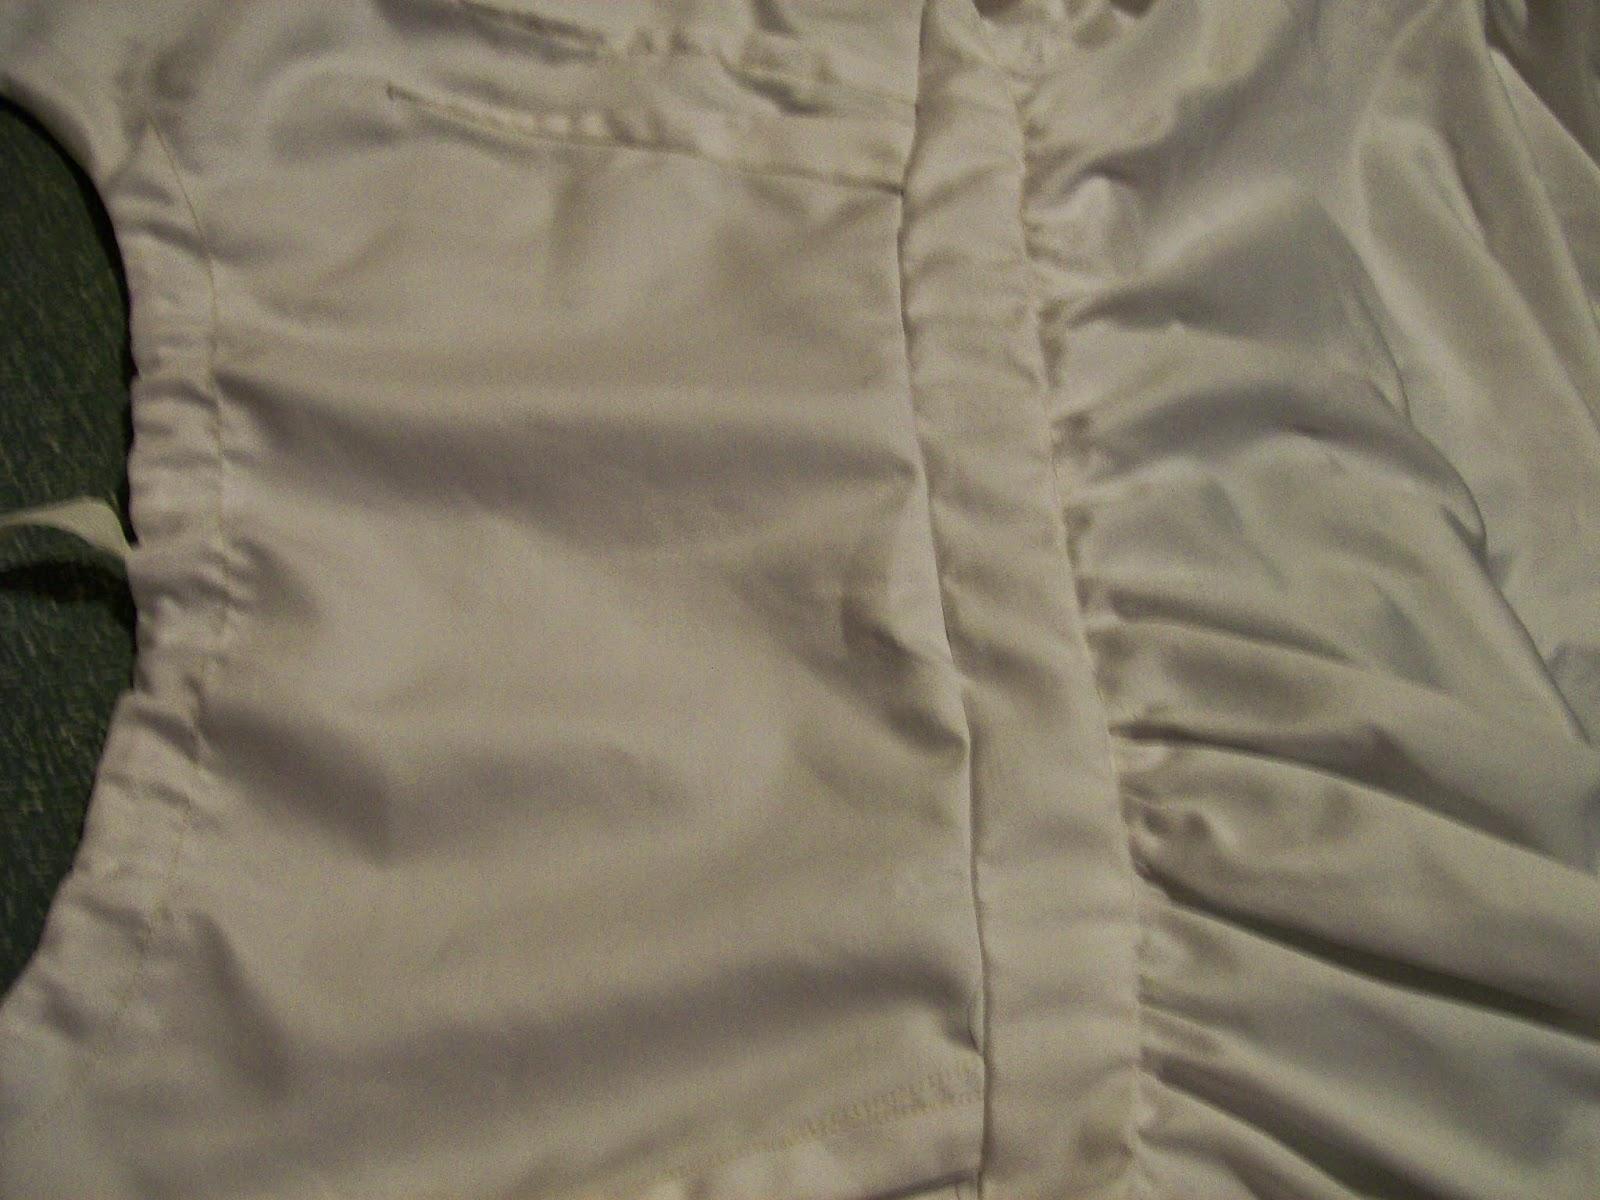 Bodiced petticoat waistband.